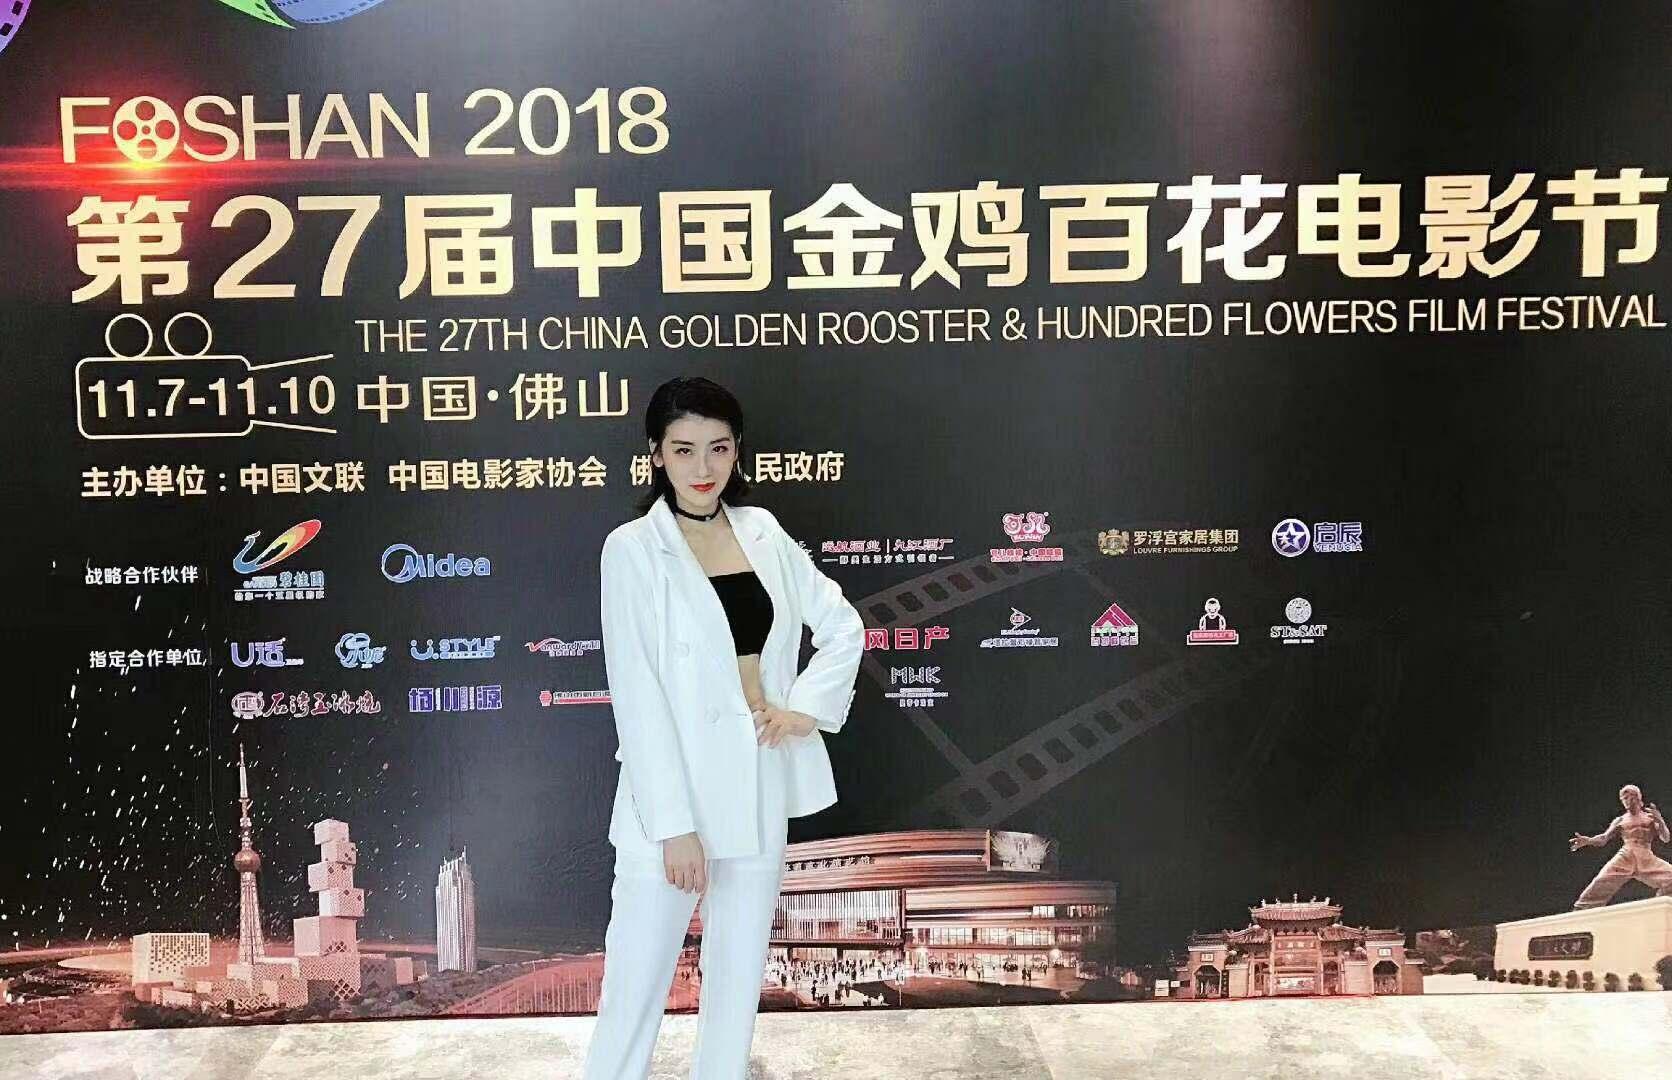 第27届中国金鸡百花电影节渠县女孩王娇亮相红毯